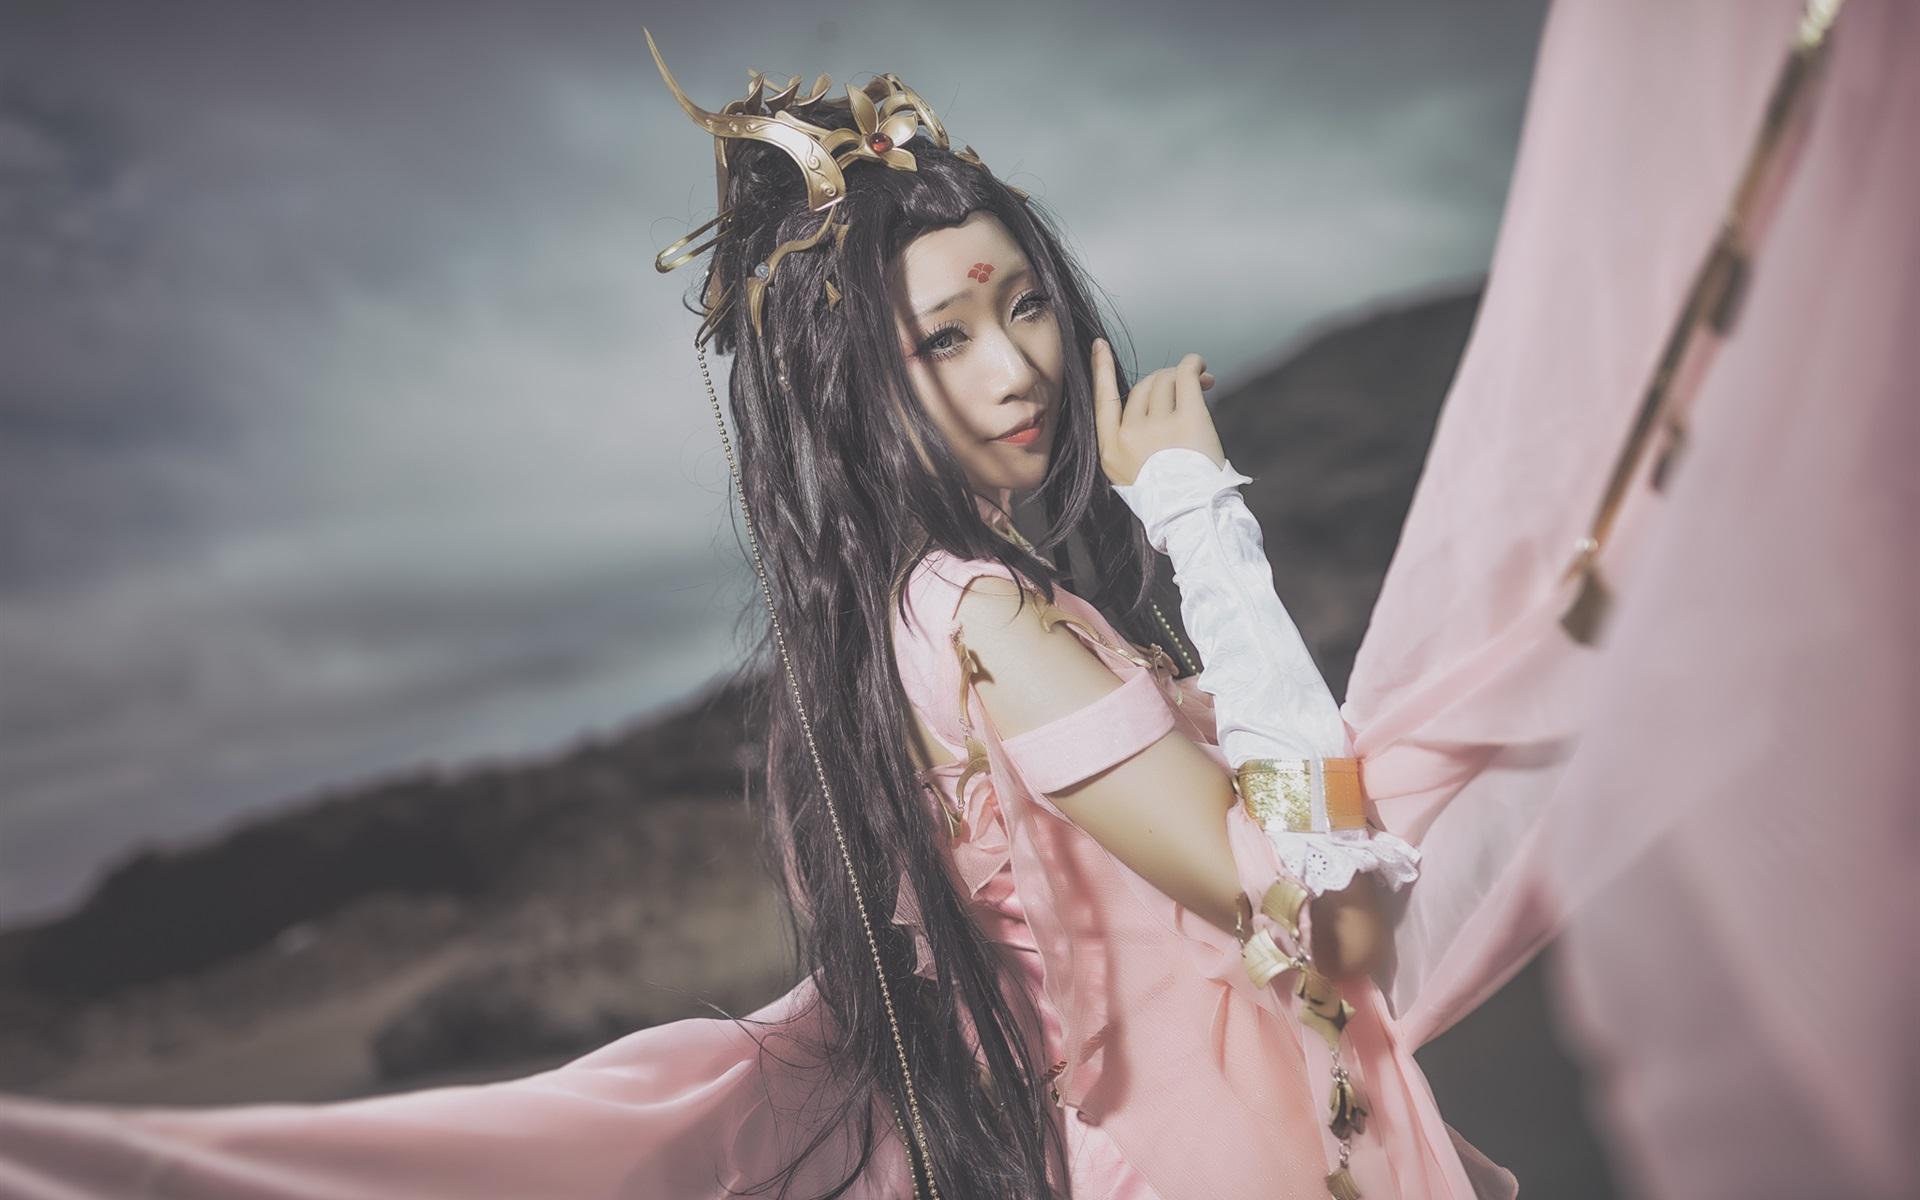 壁紙 アジアの女の子 レトロスタイルのドレス 1920x1200 Hd 無料の